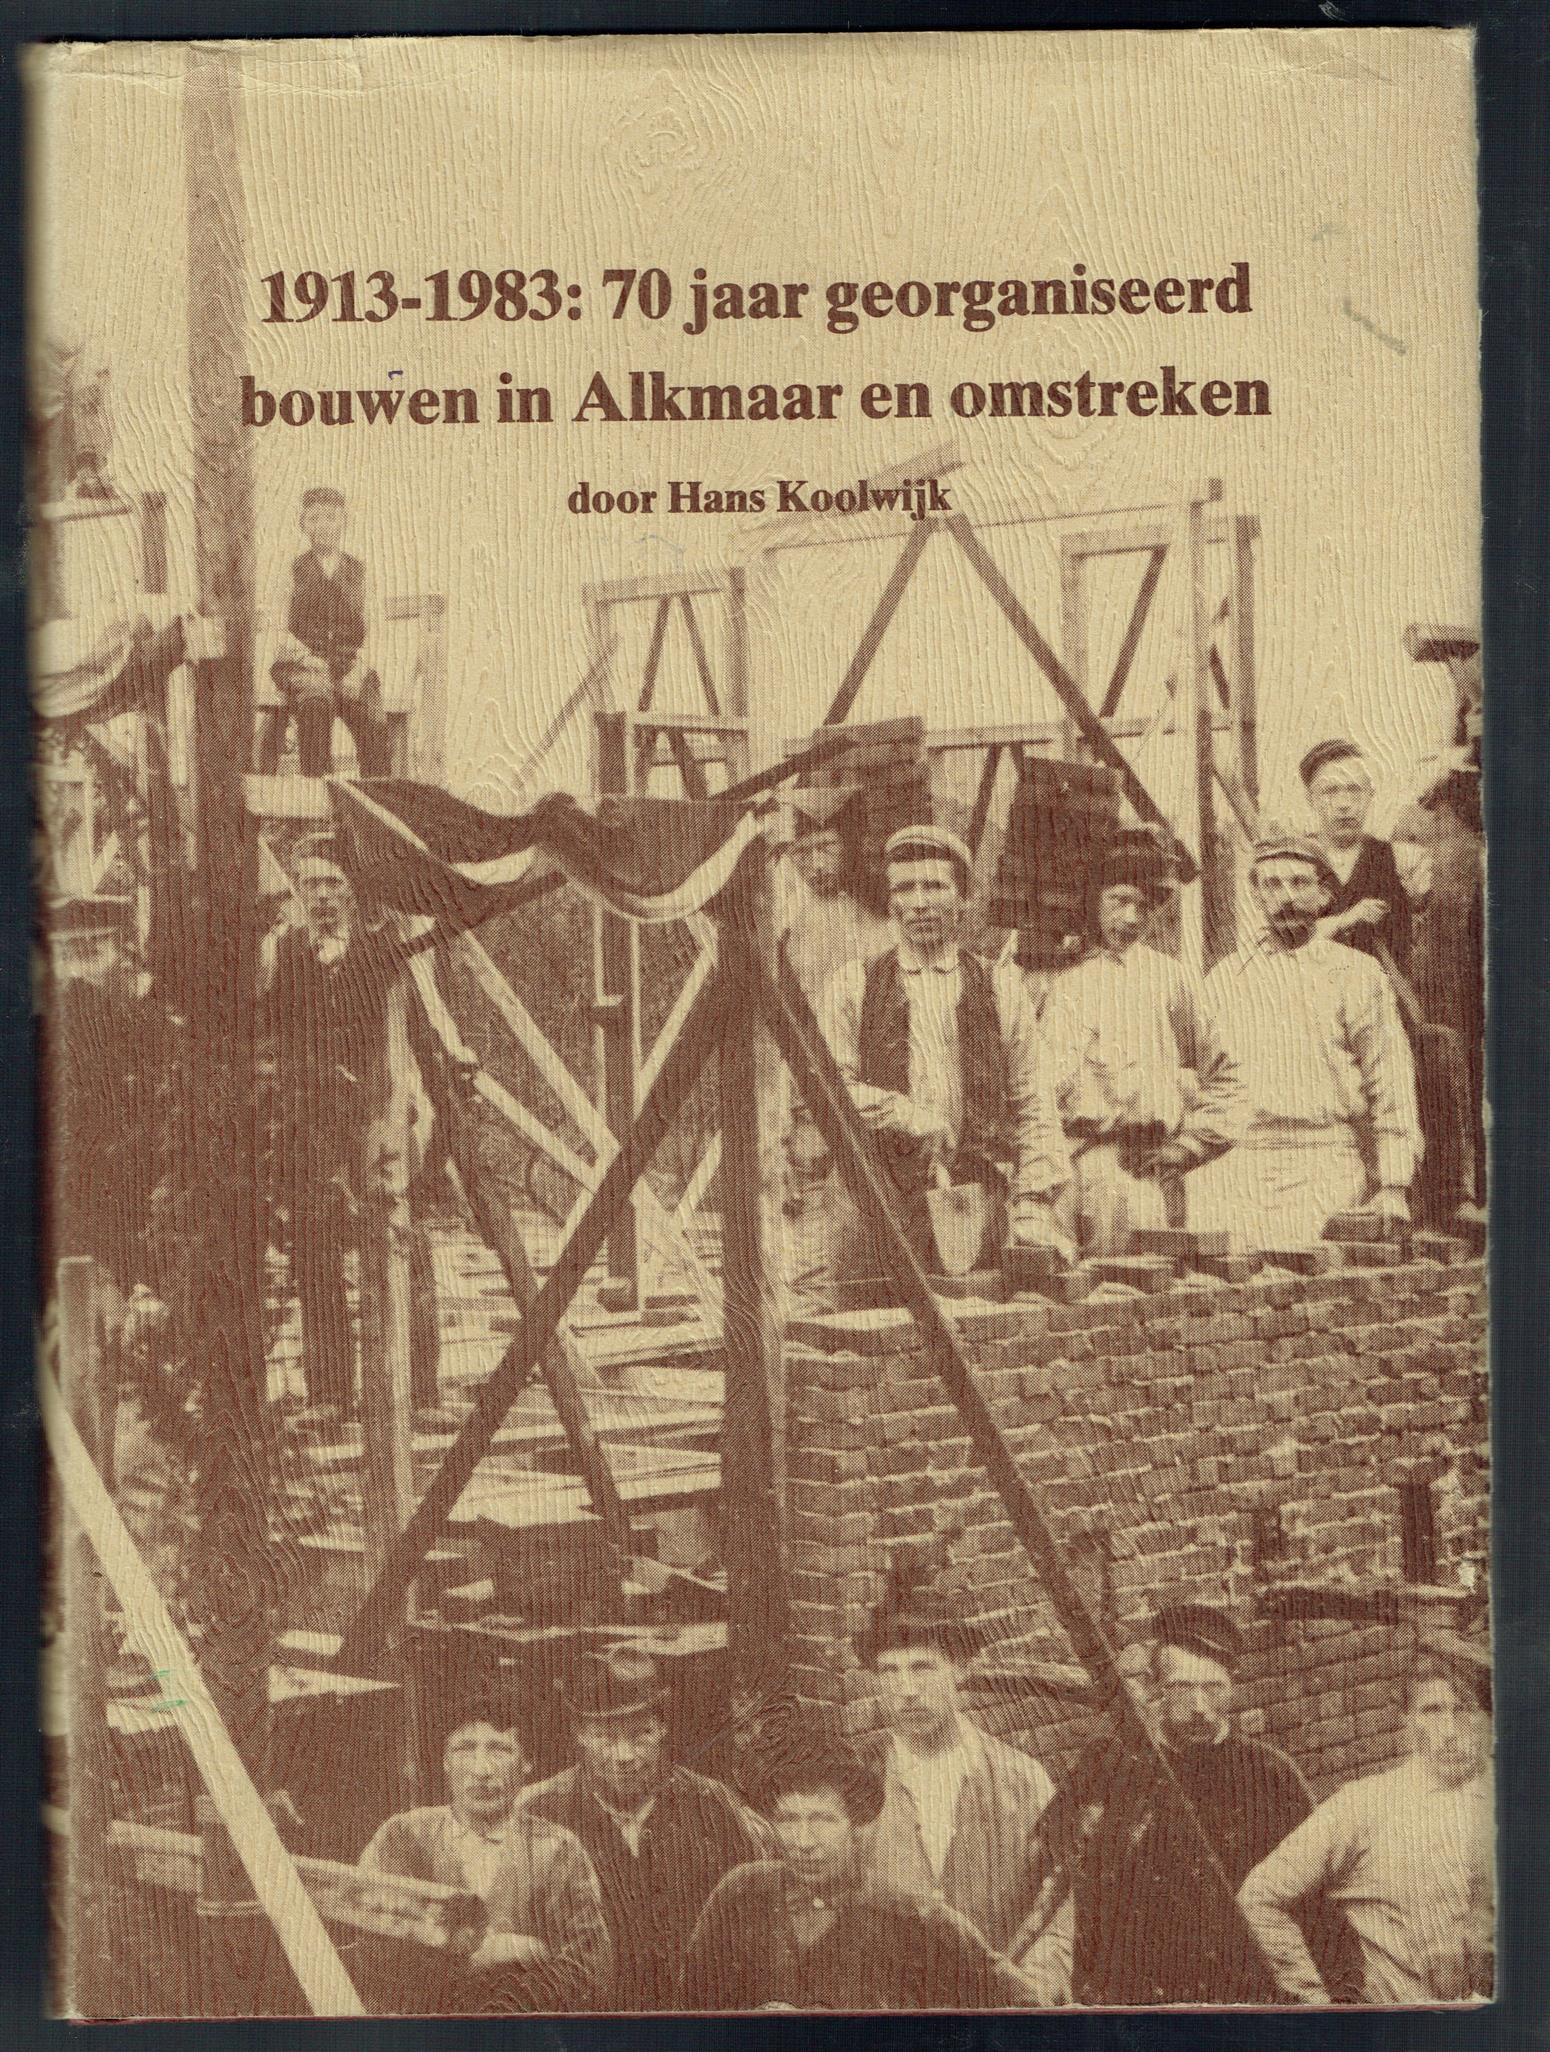 Koolwijk, Hans. - 1913-1983 : 70 Jaar georganiseerd bouwen in Alkmaar en omstreken.